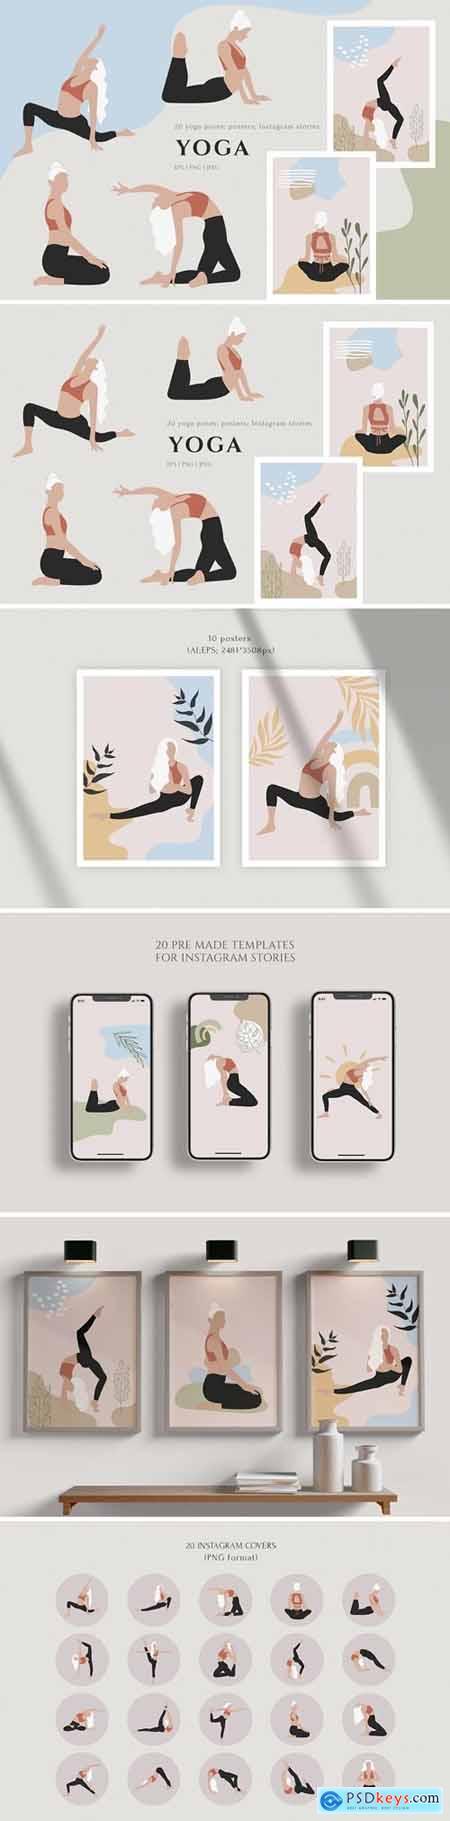 Yoga - Graphics Collection 5709152